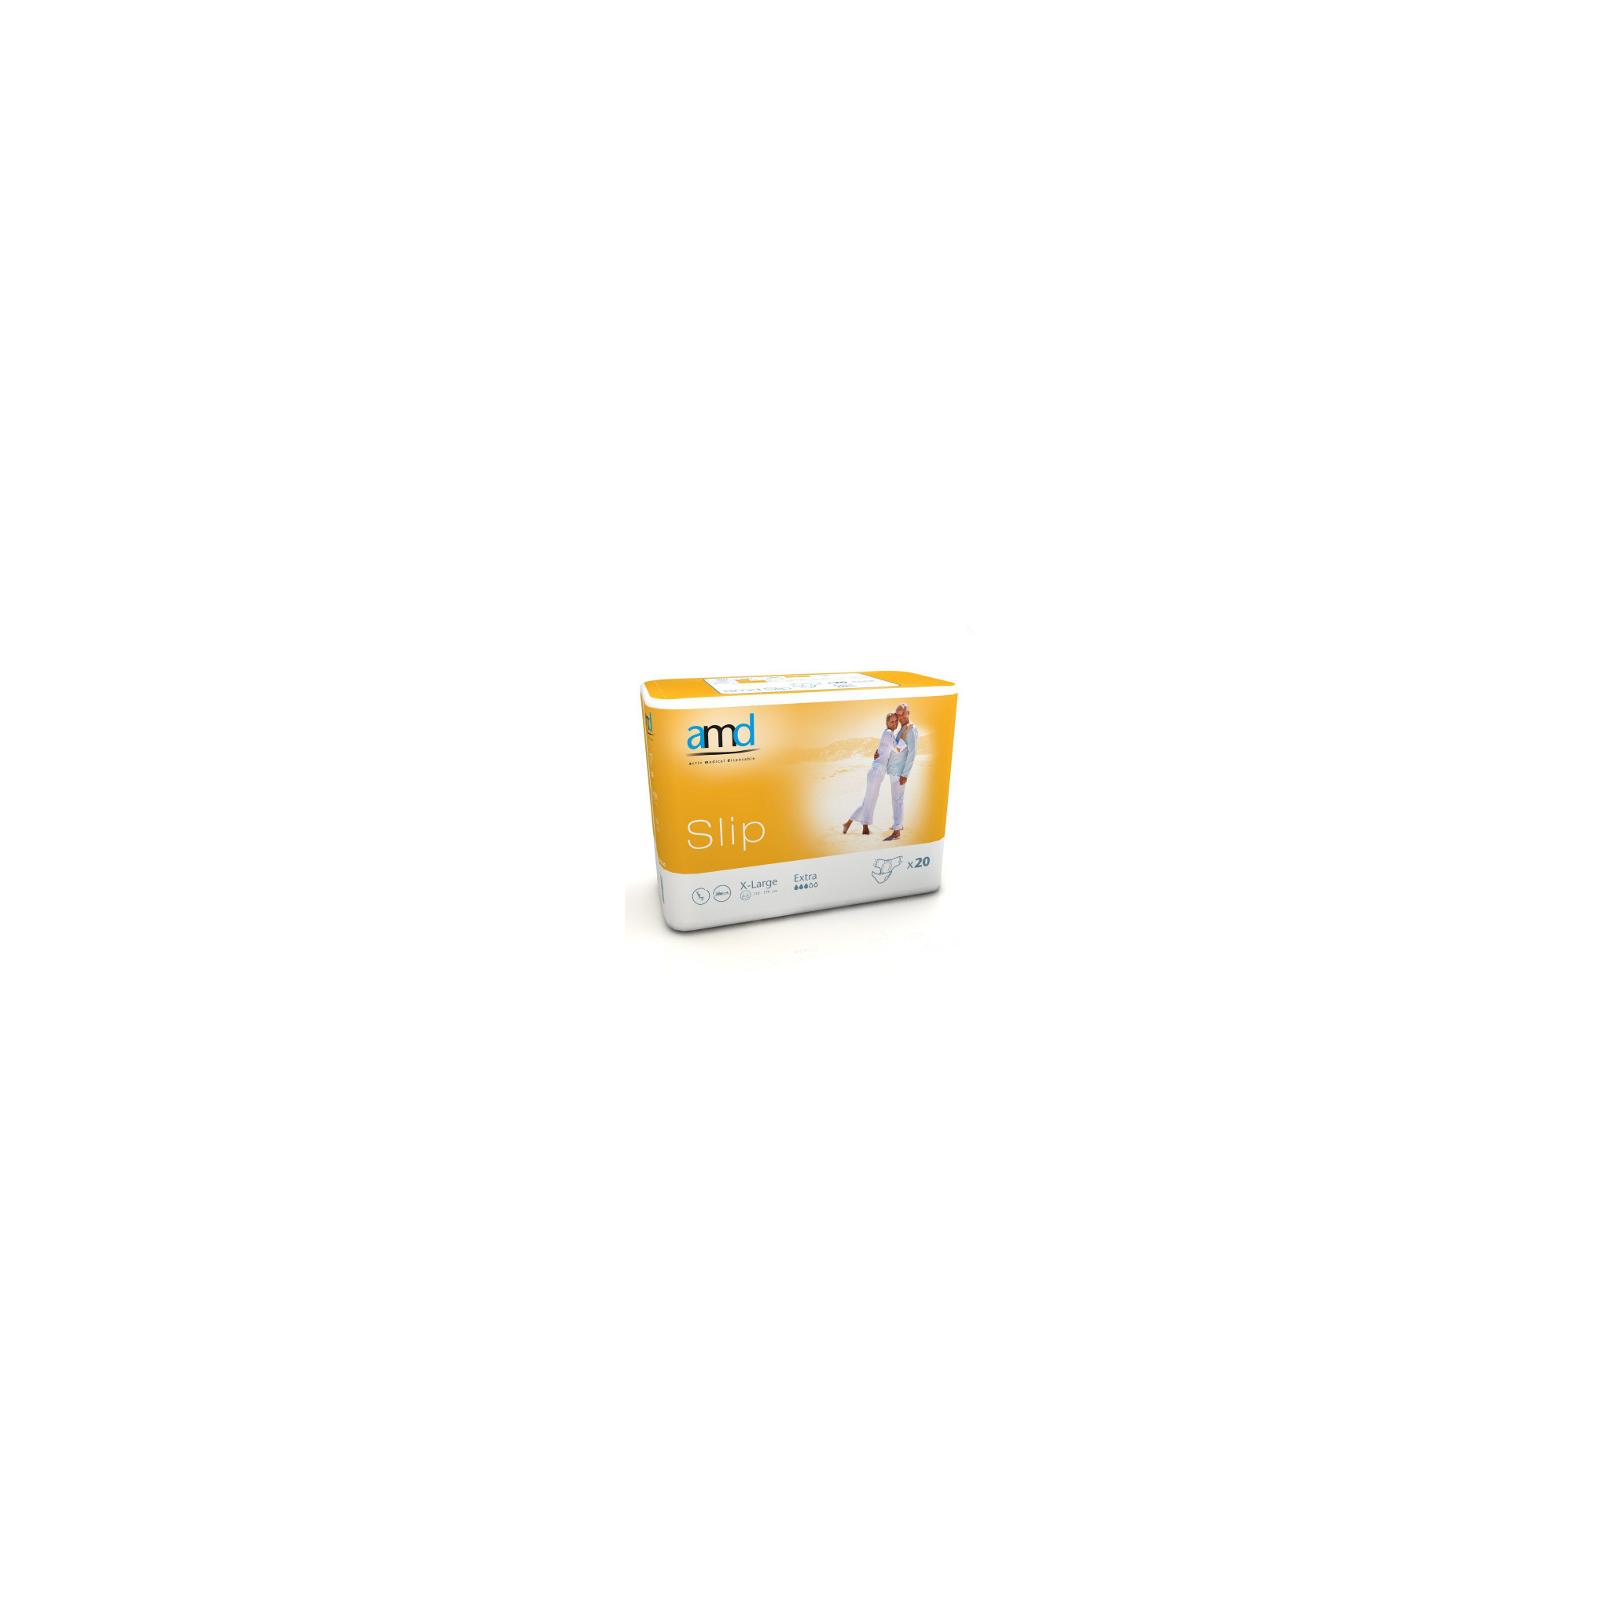 AMD Slip Extra XL| SenUp.com